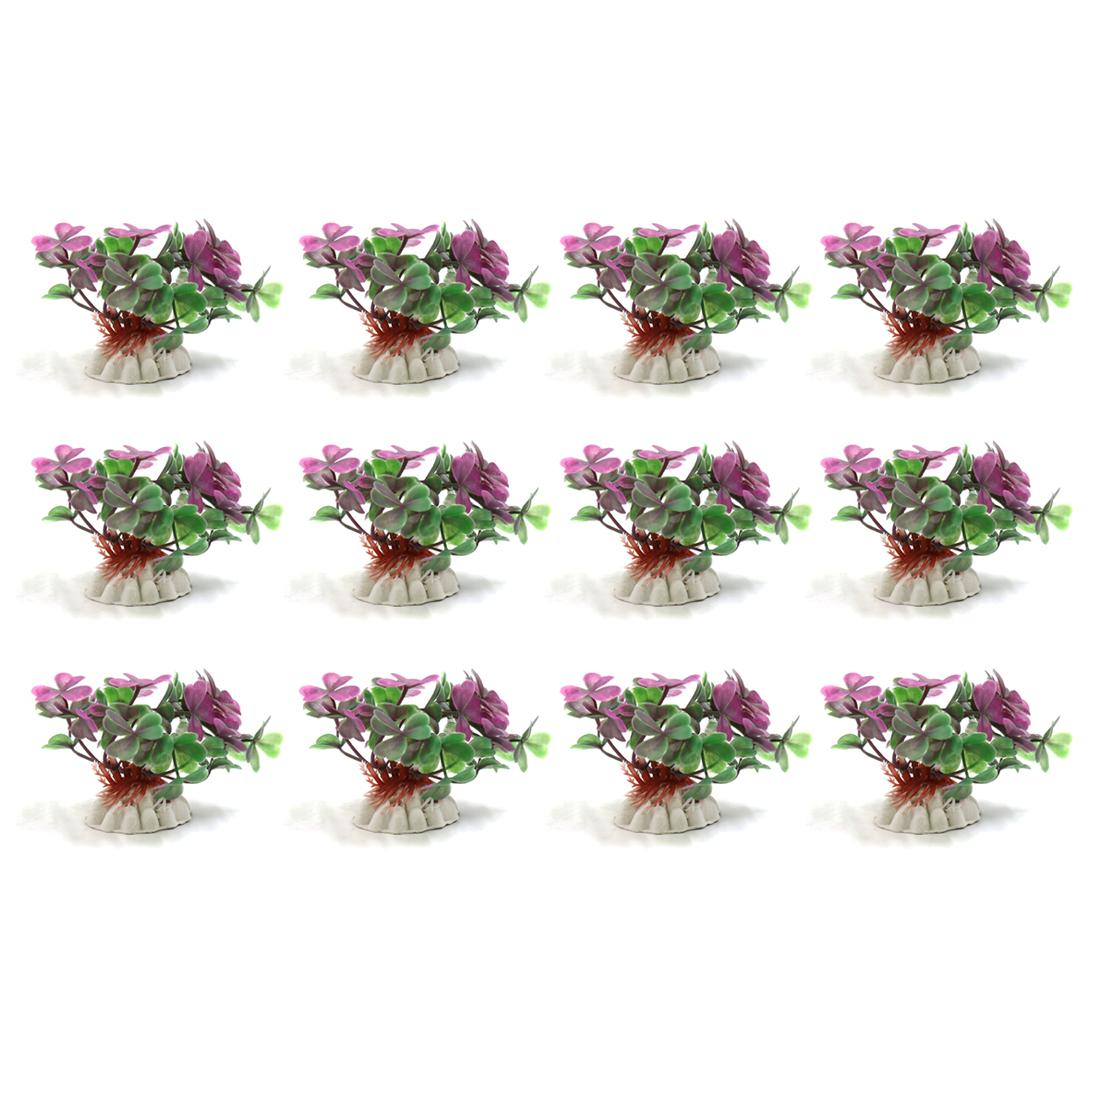 12pcs Green Plastic Mini Plant Aquarium Decor Waterscape Ornament